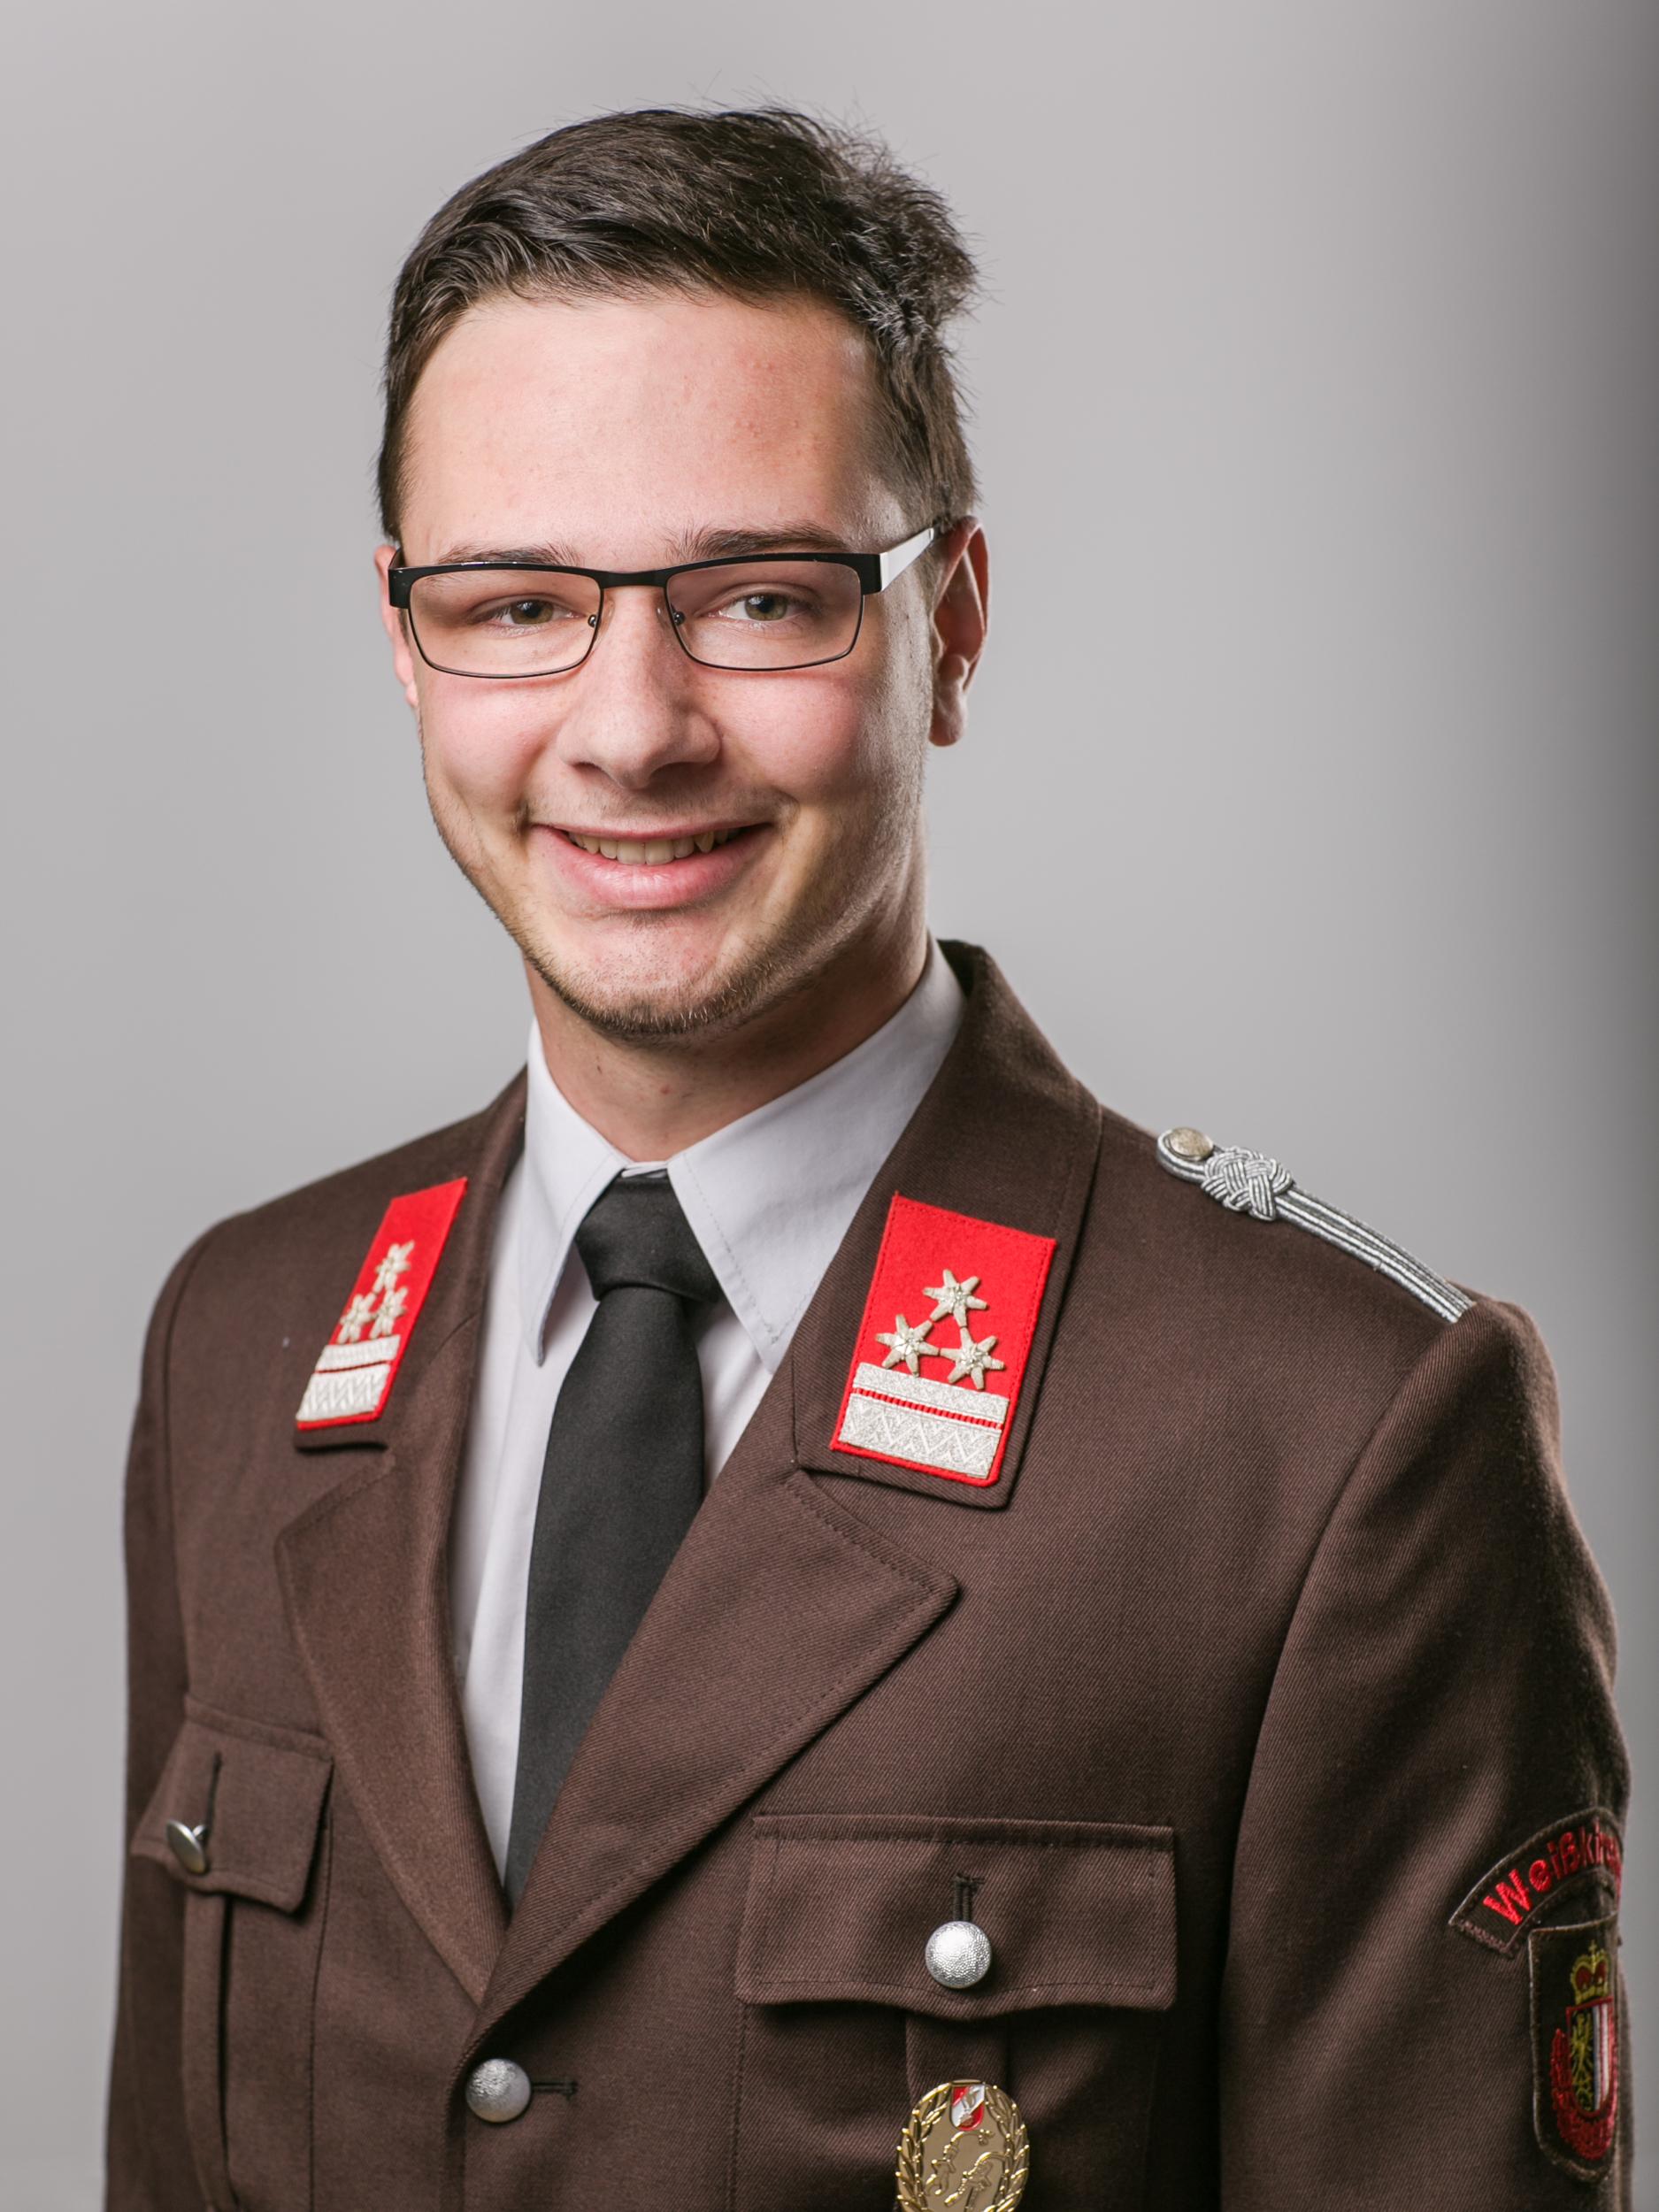 Peter Jukresch